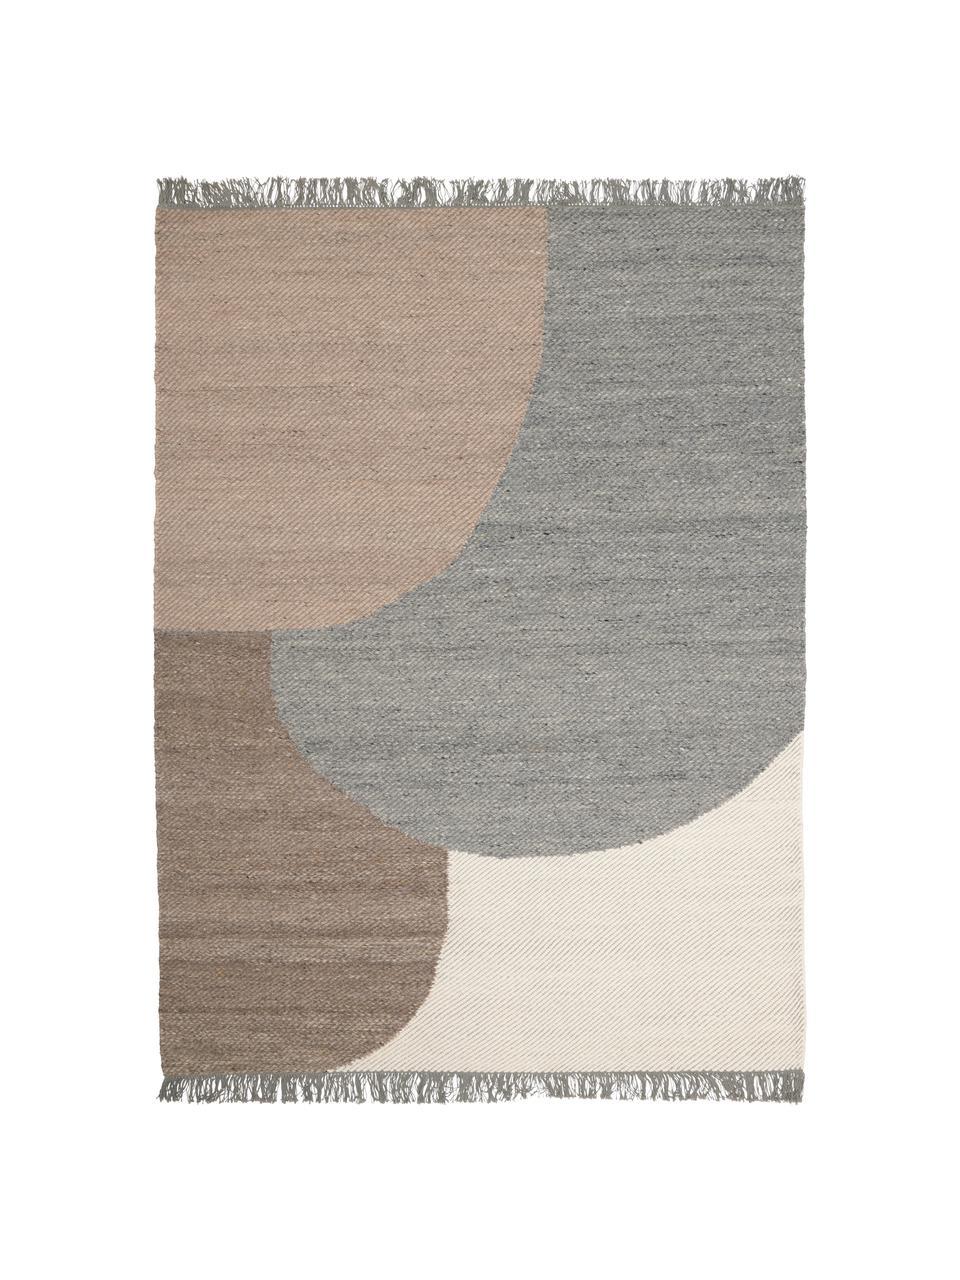 Handgewebter Wollteppich Eik mit geometrischem Muster, Fransen: 100% Baumwolle Bei Wollte, Grau- und Beigetöne, B 200 x L 300 cm (Größe L)